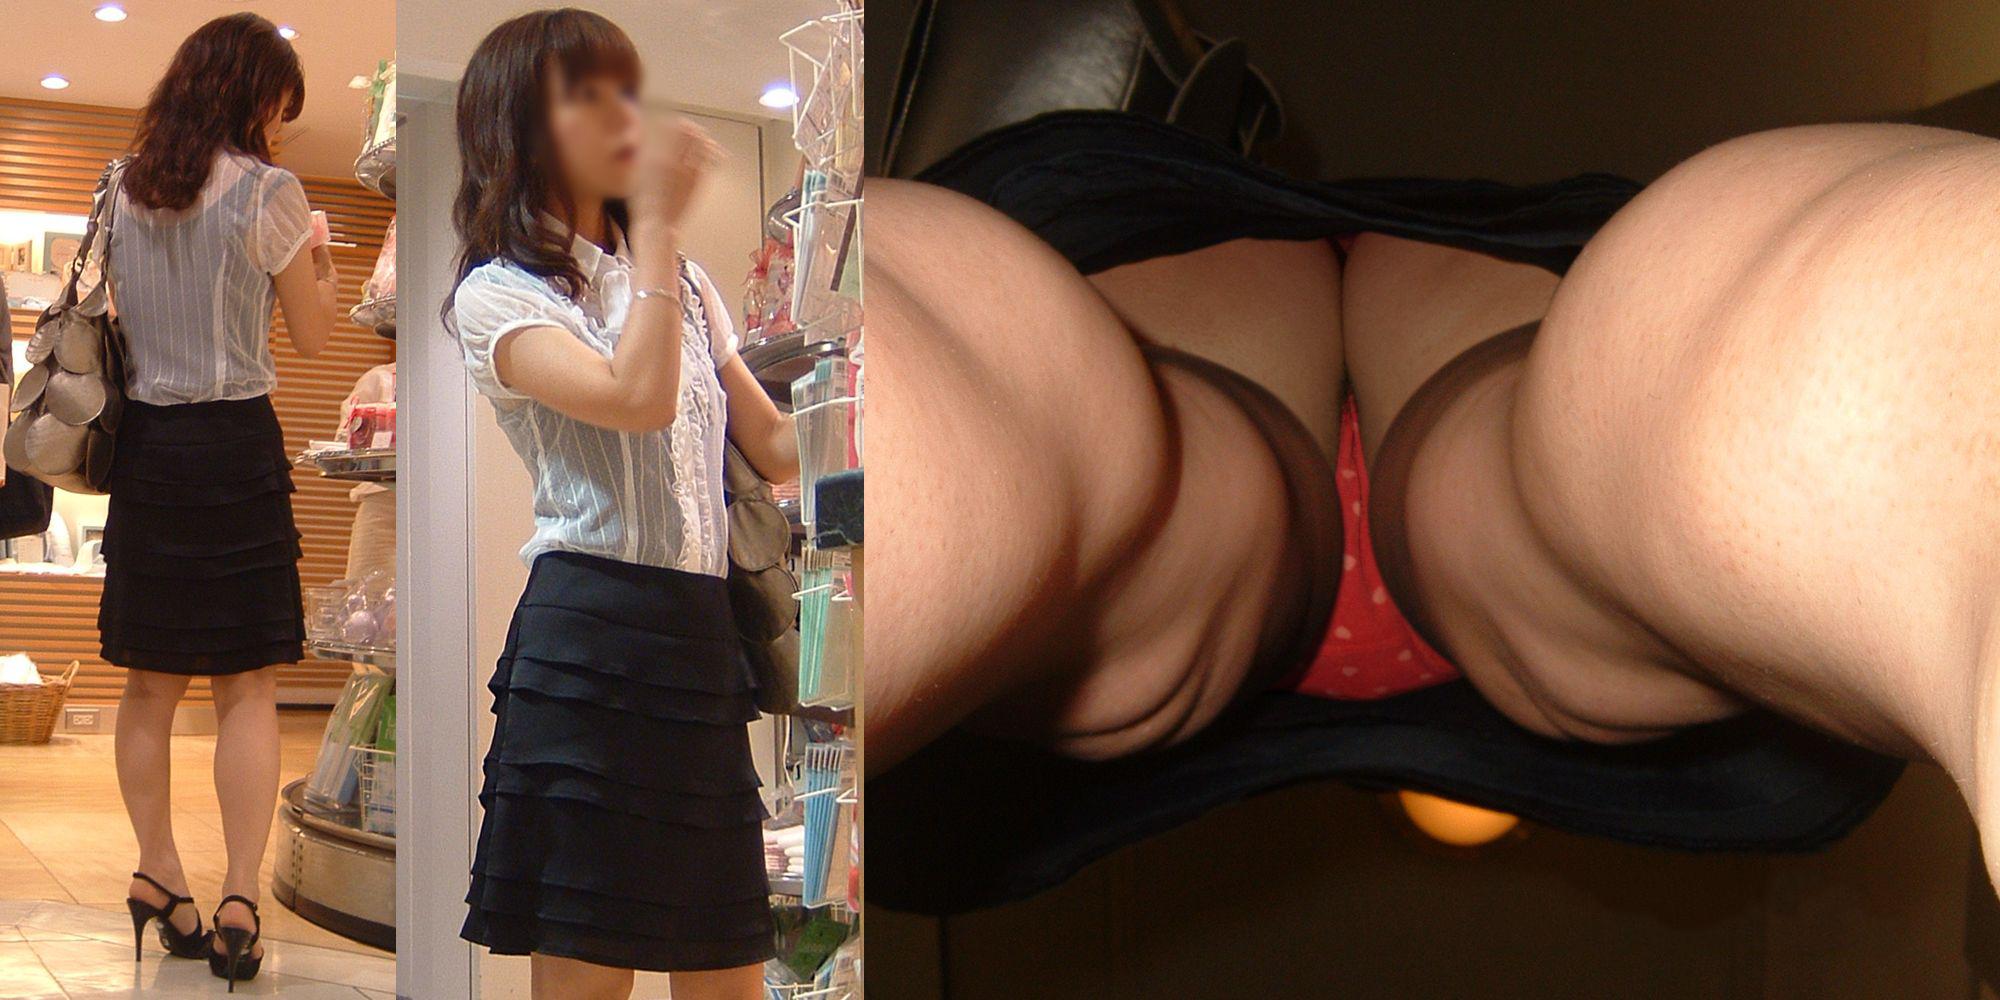 買い物中の素人美女の逆さ撮りがエロい!